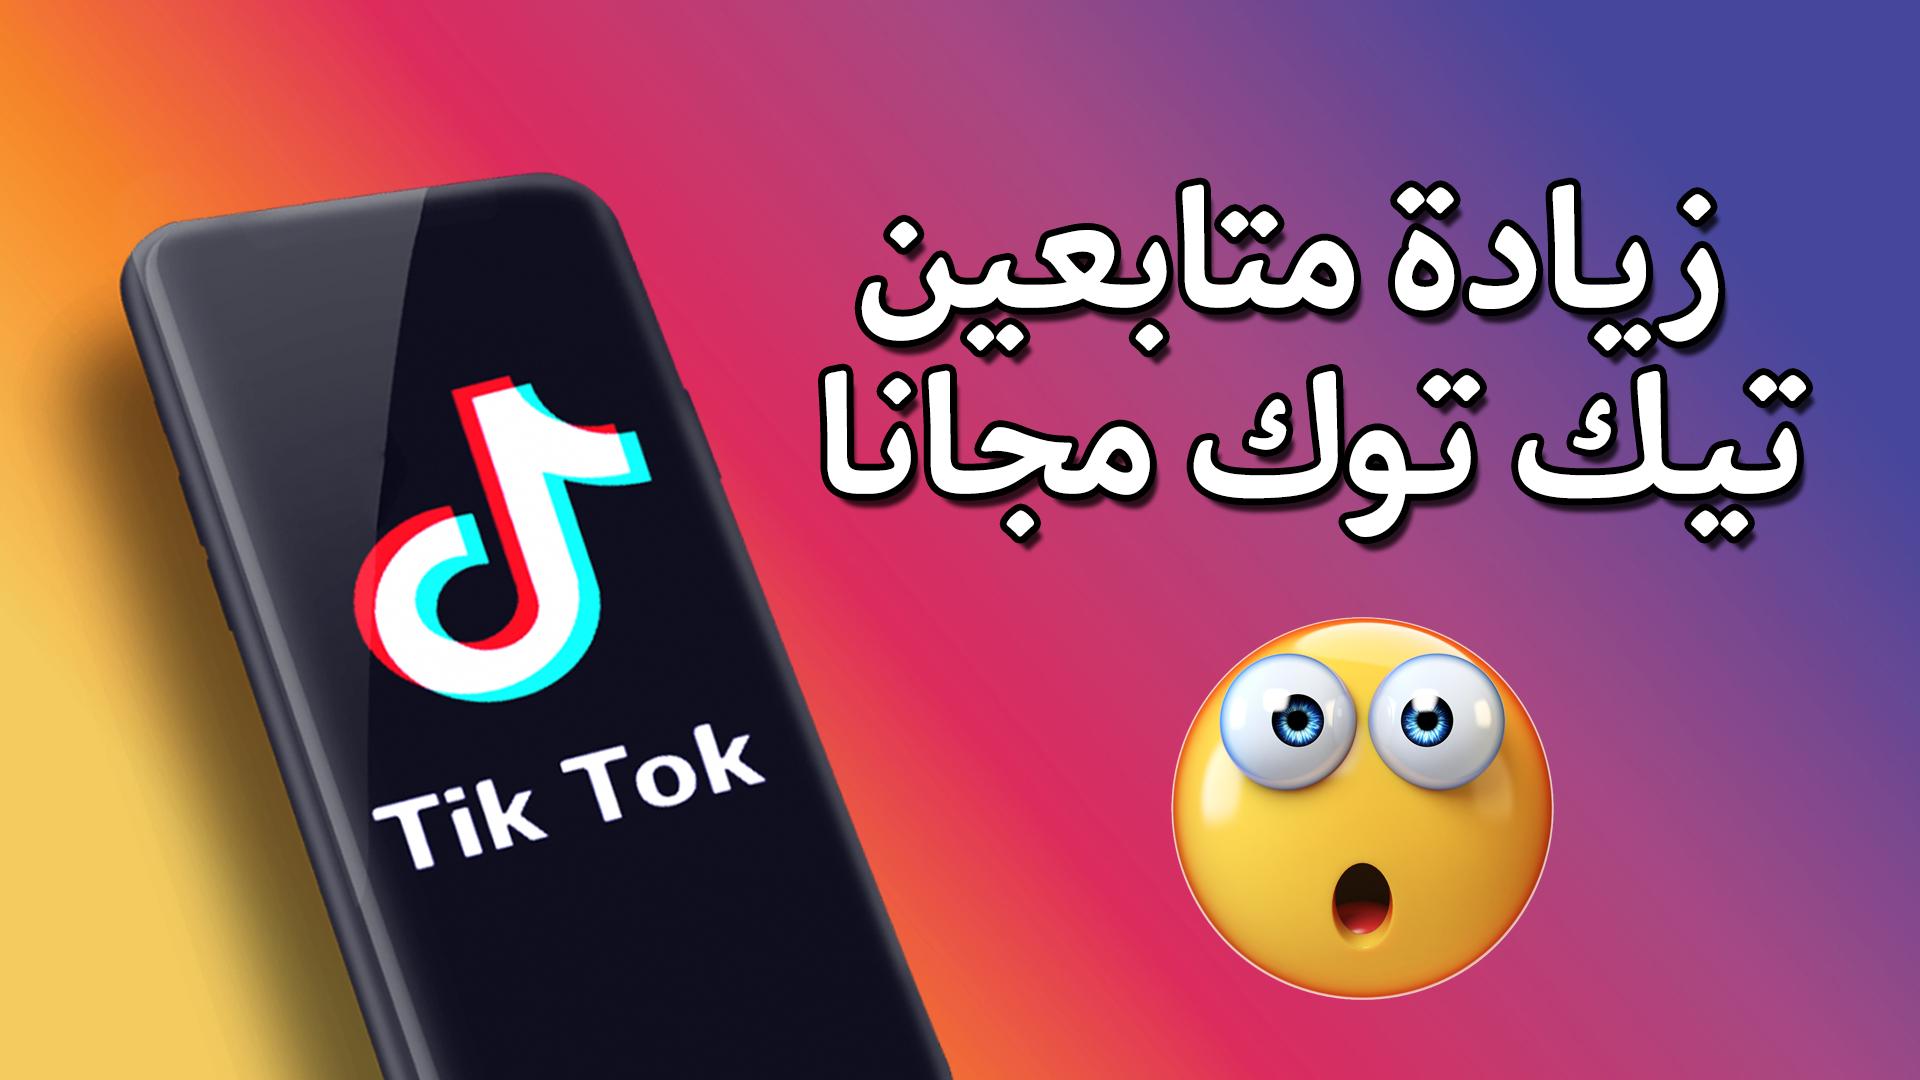 ازاي تزود متابعين تيك توك زيادة متابعين تيك توك Ios Iphone متابعين عرب متفاعلين 2020 Parker James 500 Followers